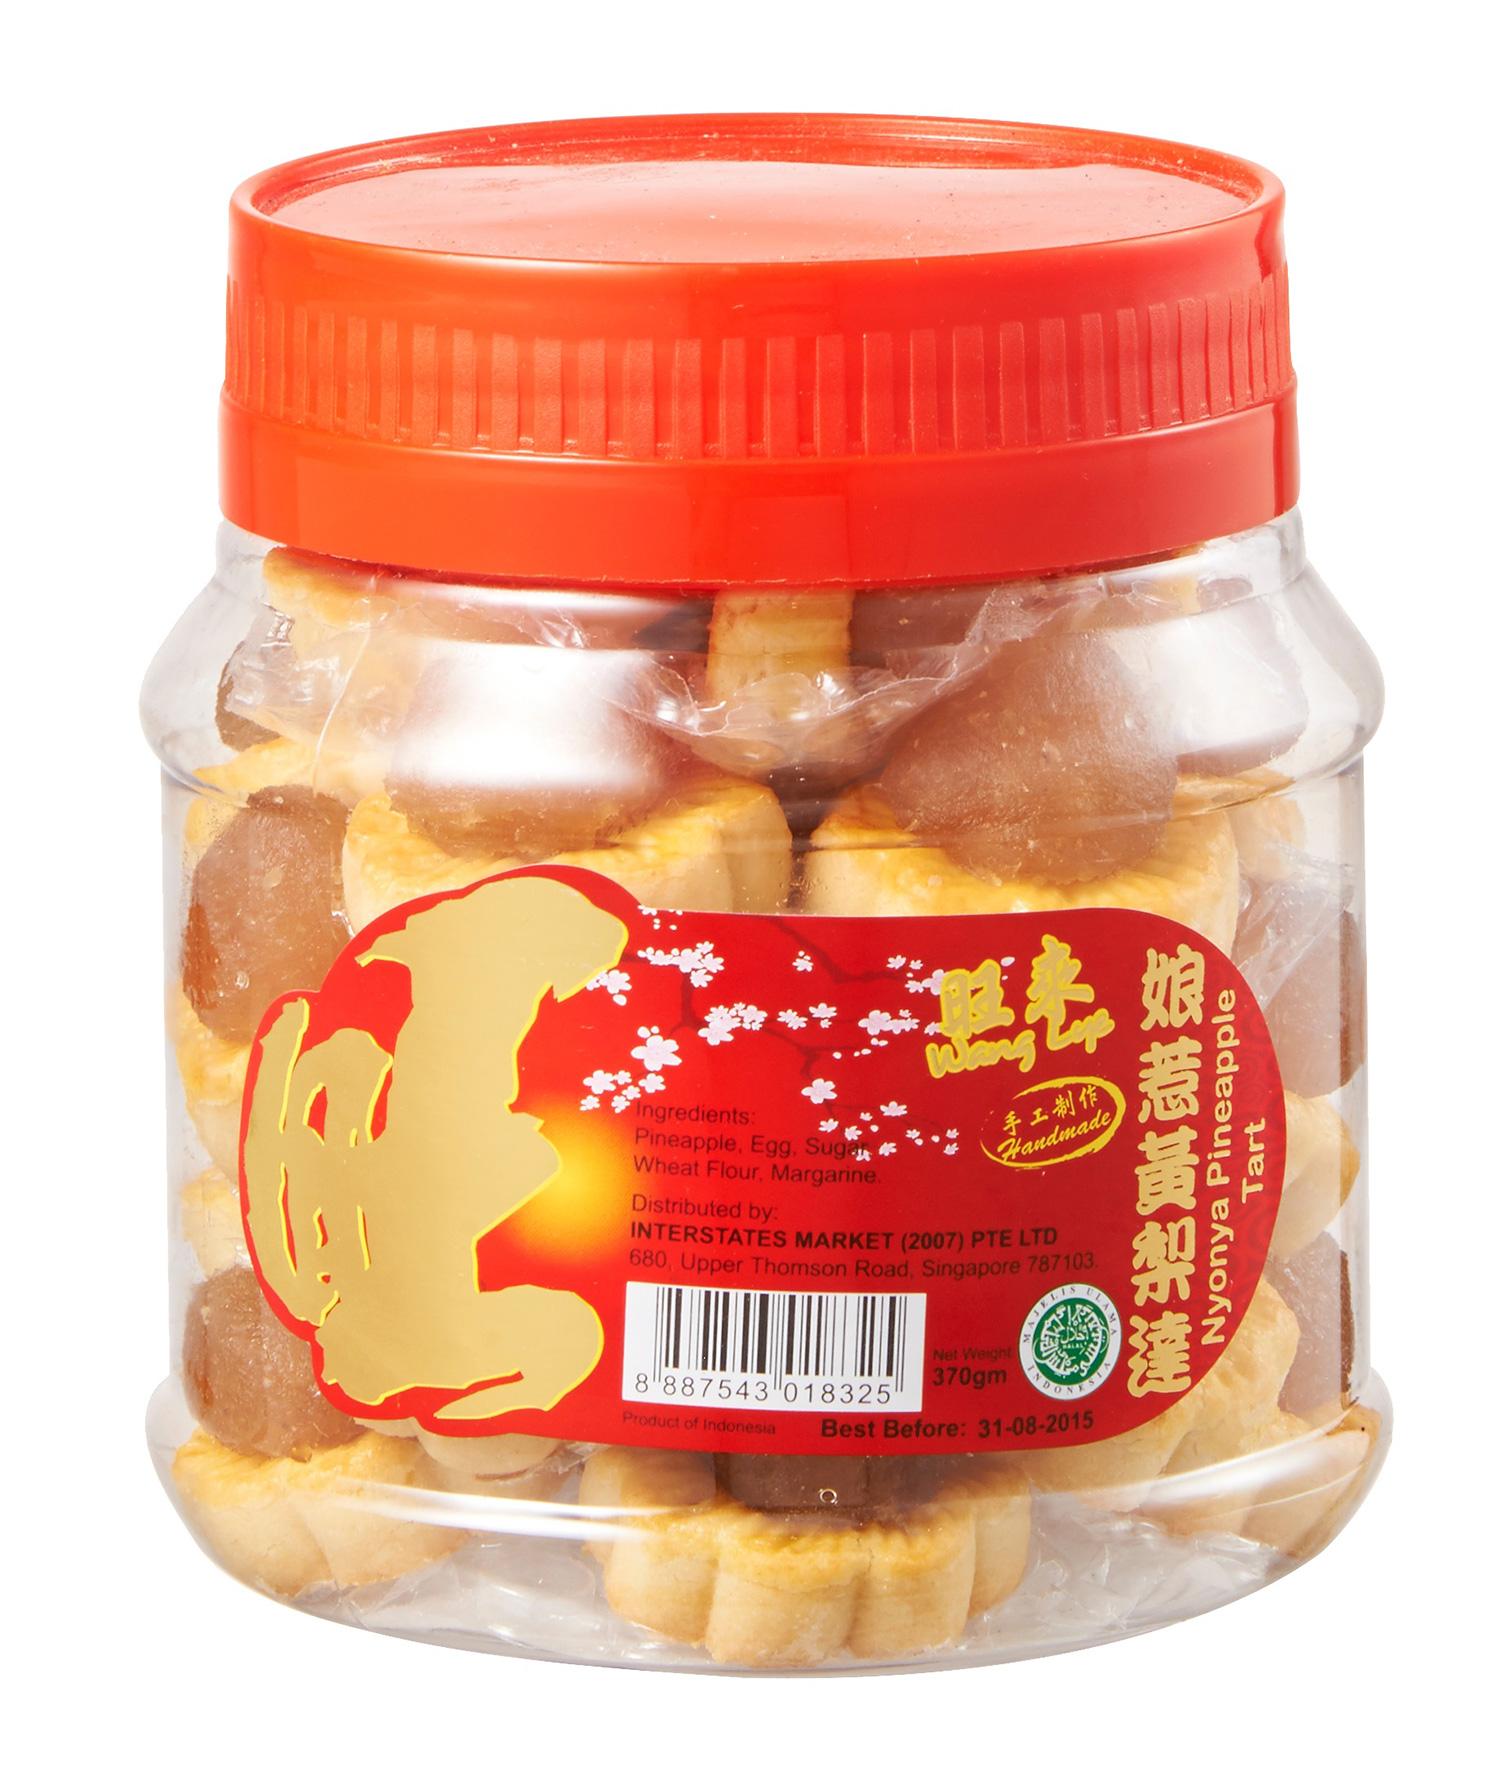 Wang-Lye-Nyonya-Pineapple-Tart | Darren Bloggie 達人的部落格